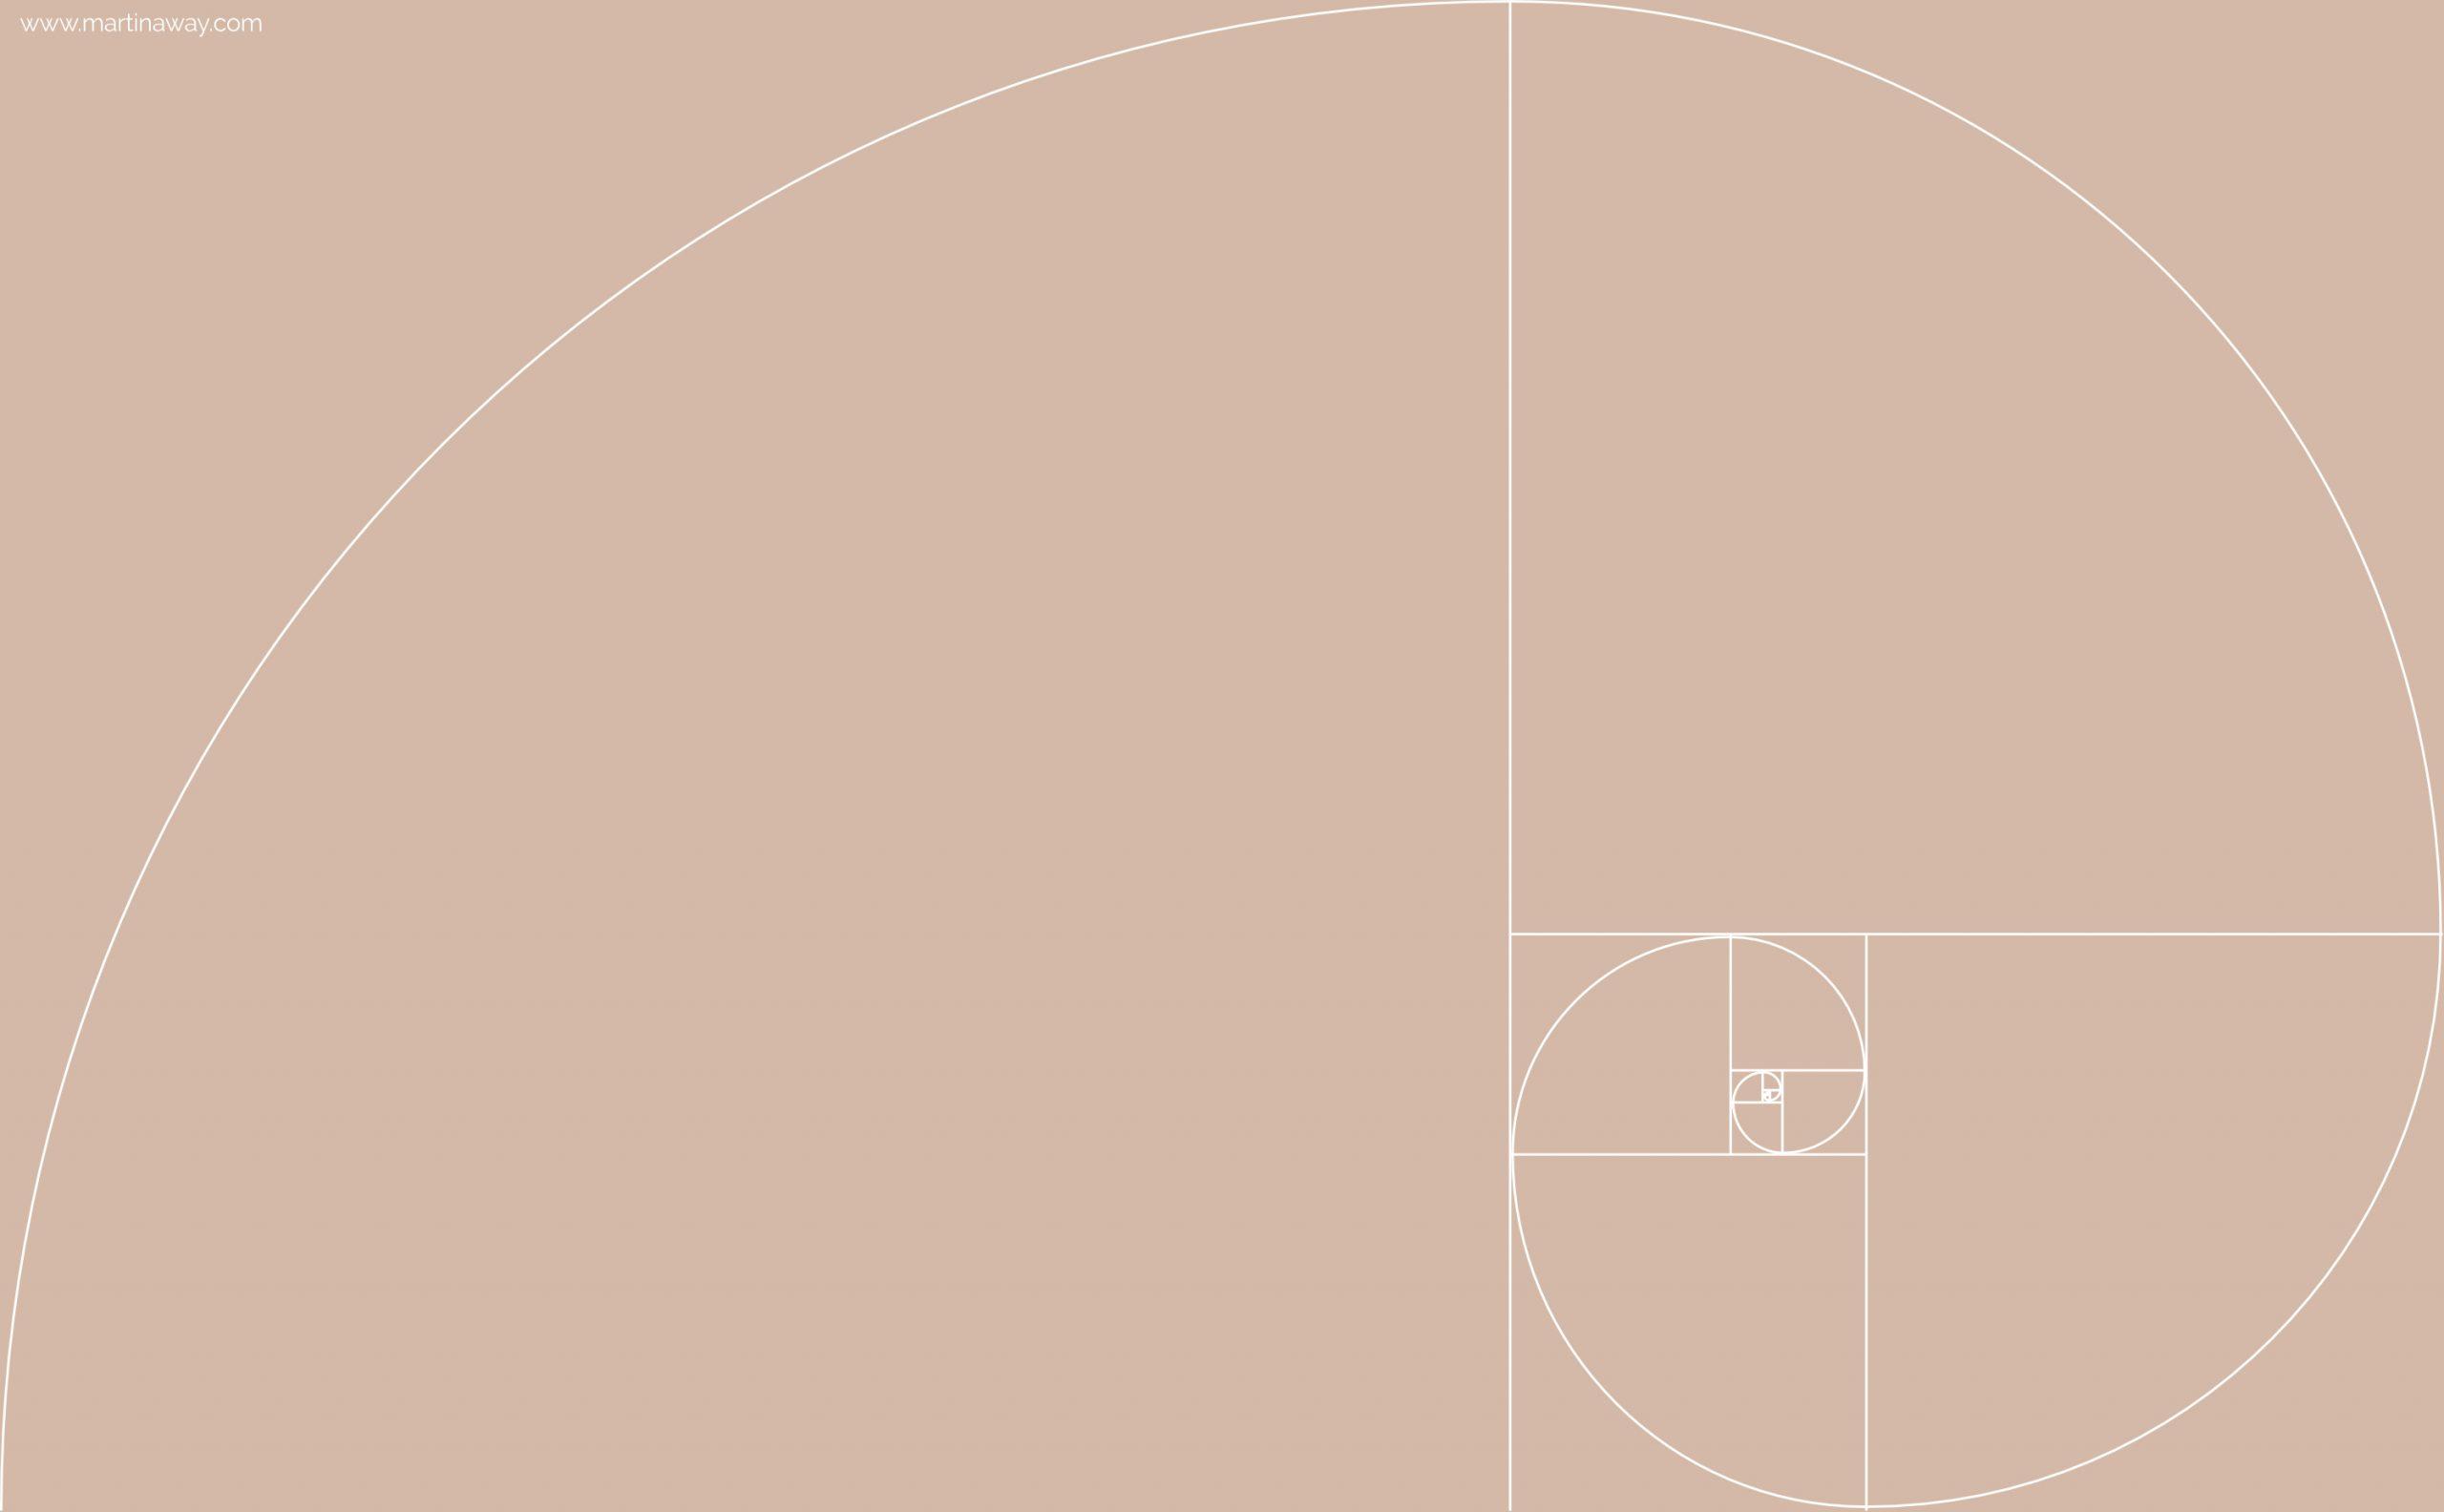 Composizione fotografica - Spirale aurea